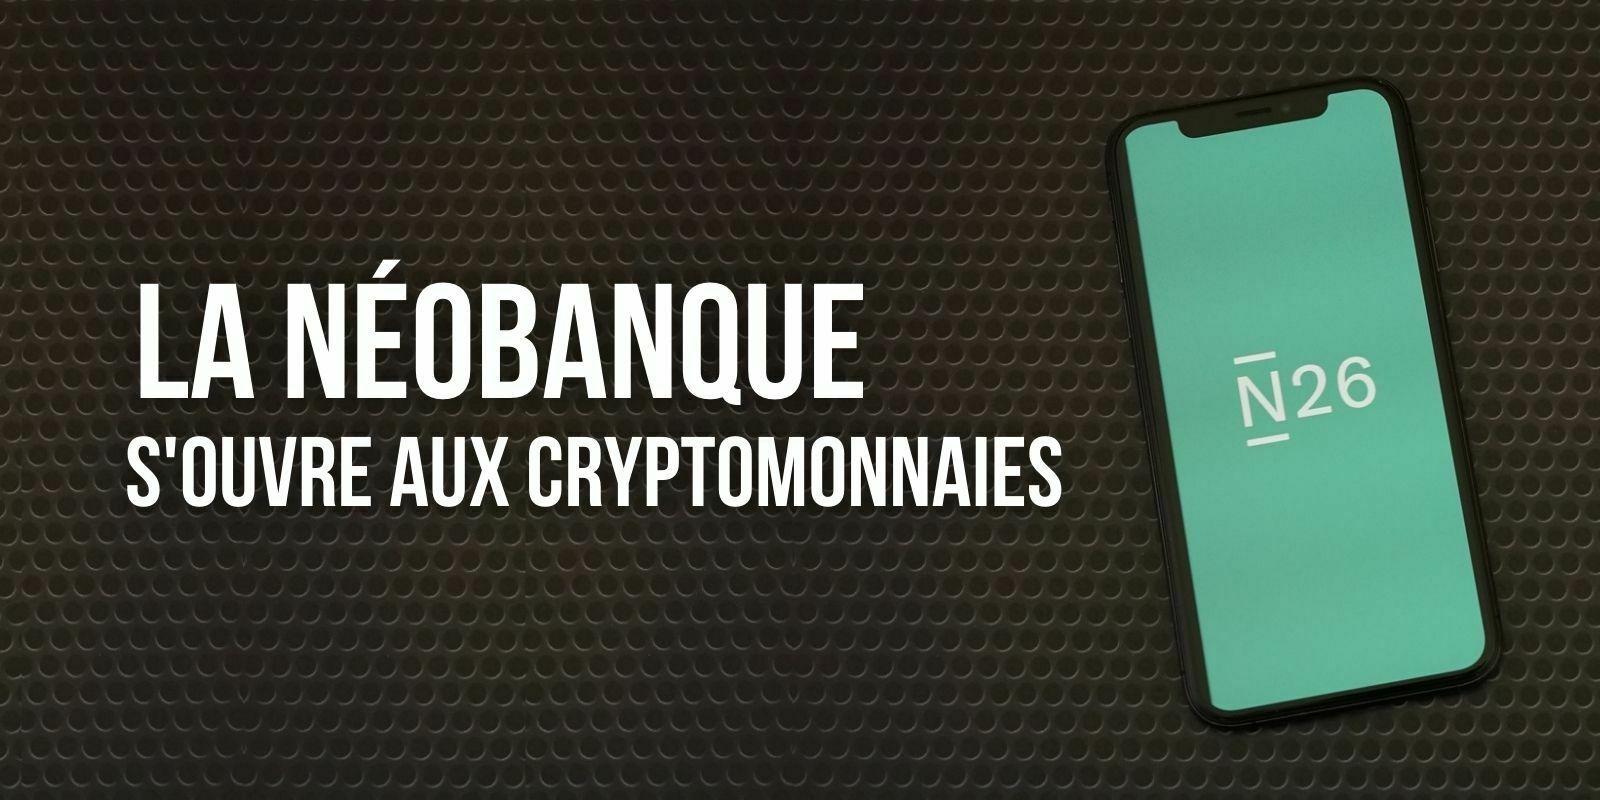 N26 : les achats de cryptomonnaies bientôt disponibles avec la néobanque